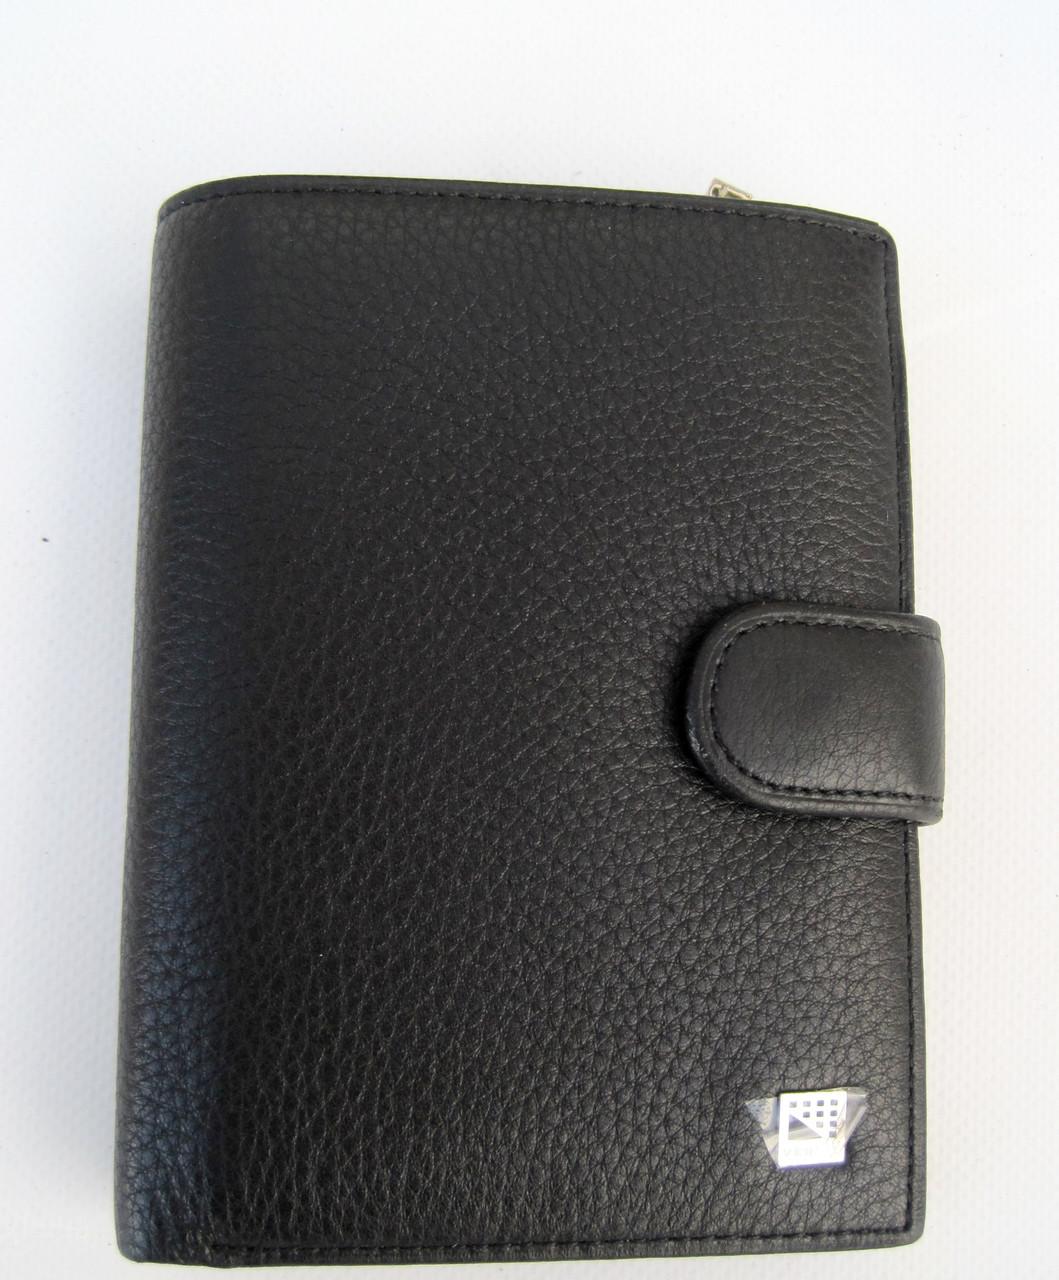 Чоловіче шкіряне портмоне VERITY V139-22 black шкіряне портмоне і шкіряні гаманці оптом